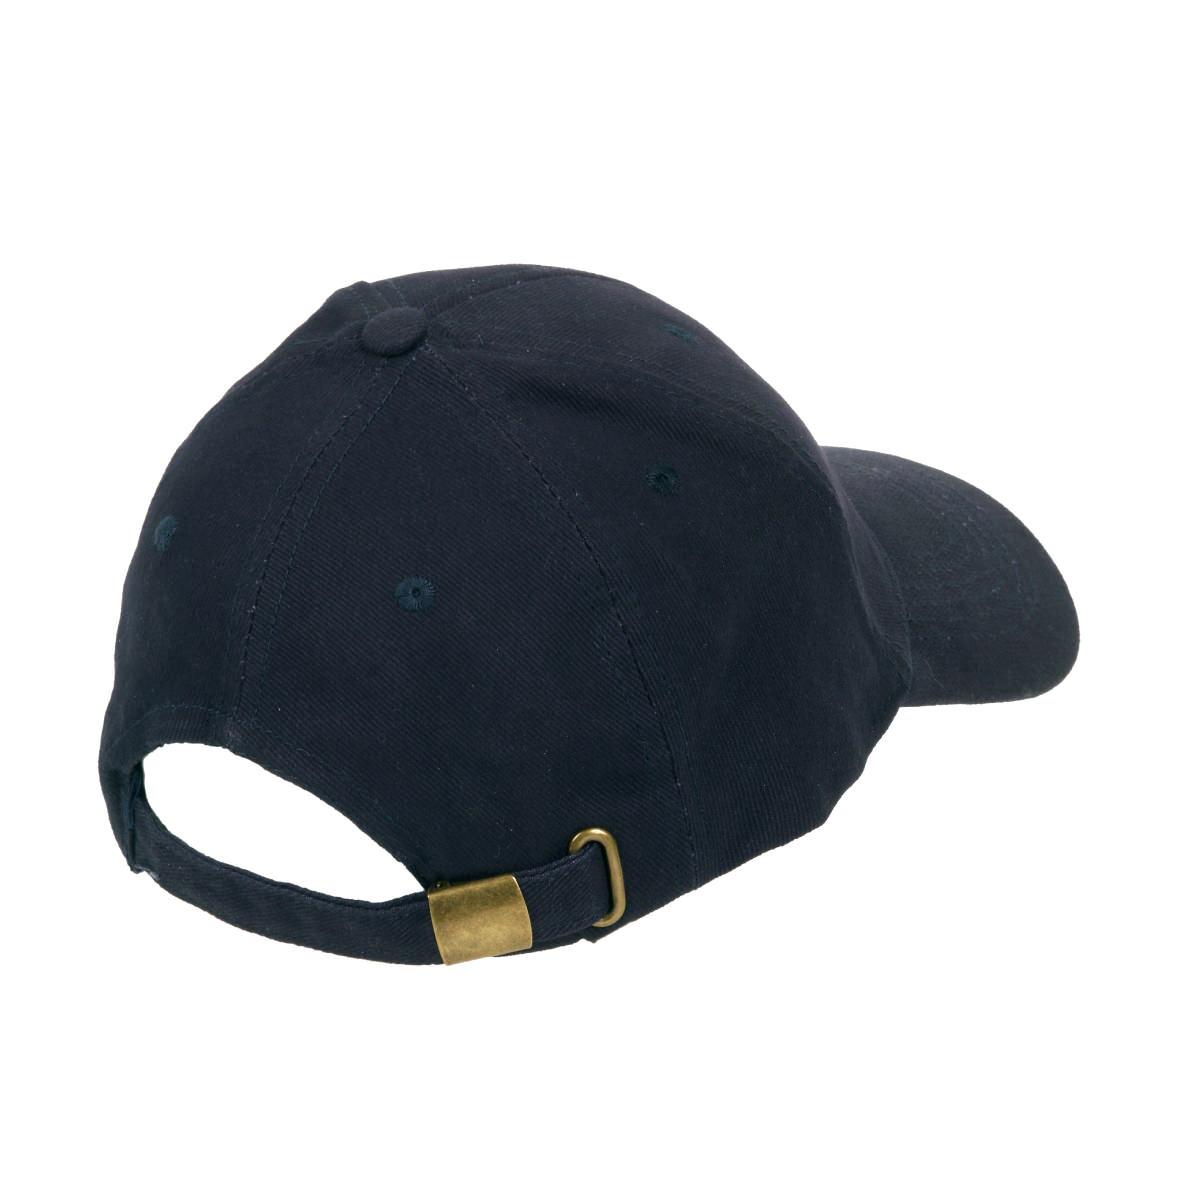 כובע כותנה 6 חלקים - לידס